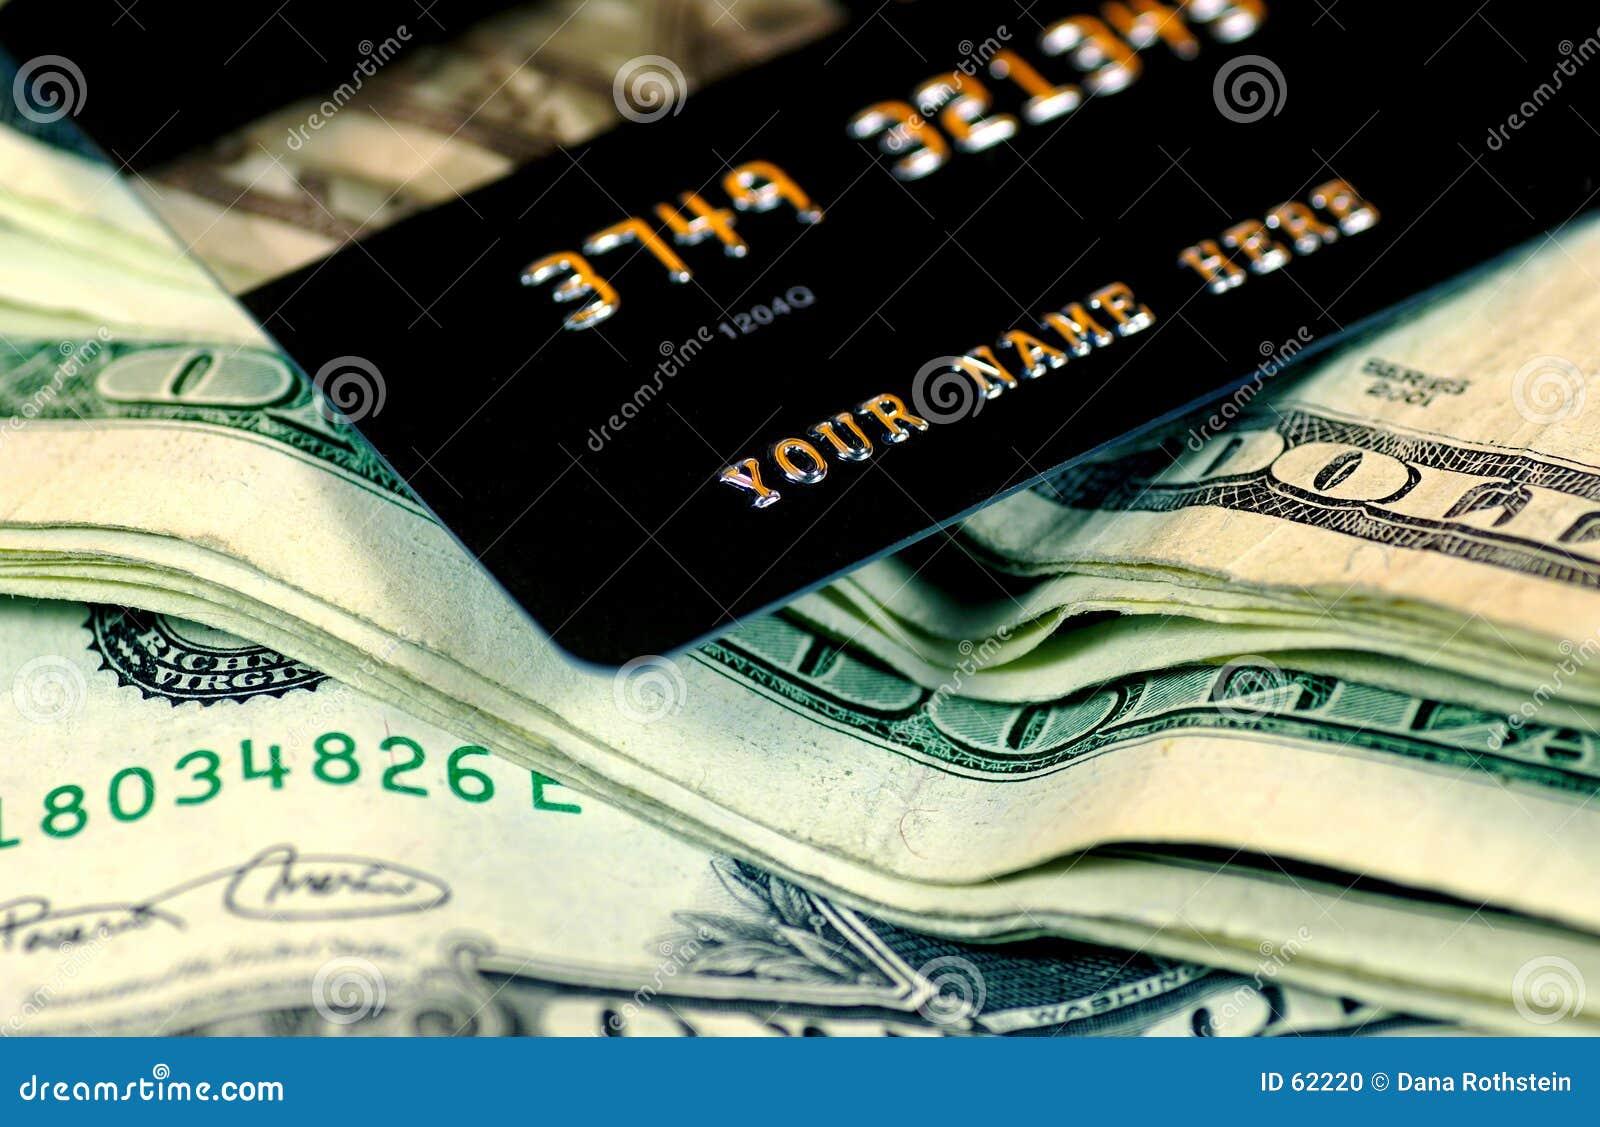 Download αγορά ισχύος στοκ εικόνες. εικόνα από αγοράστε, επιχείρηση - 62220